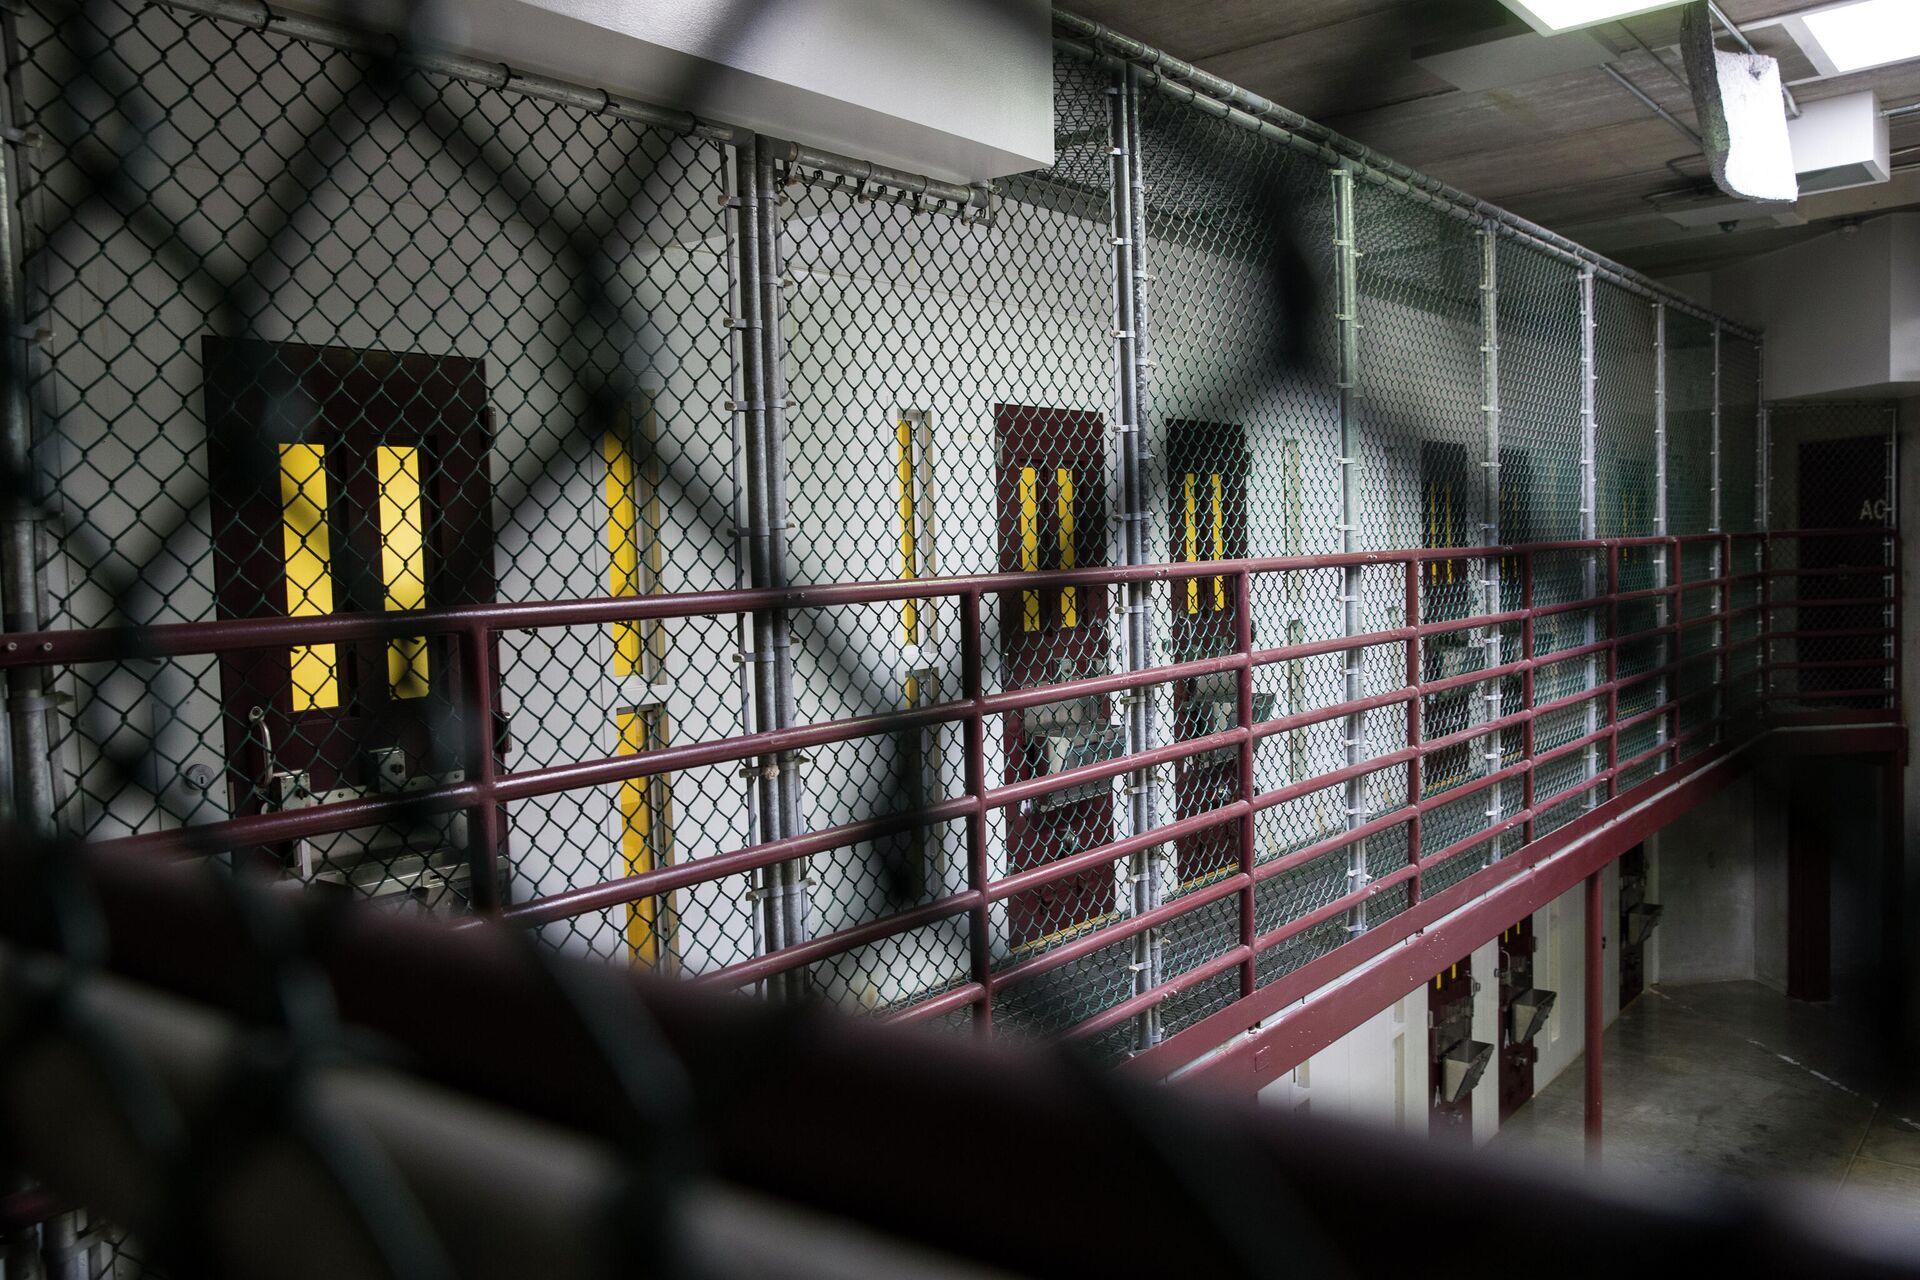 Тюрьма в Гуантанамо. Лагерь 6  - ПРОФИ Новости, 1920, 06.04.2021